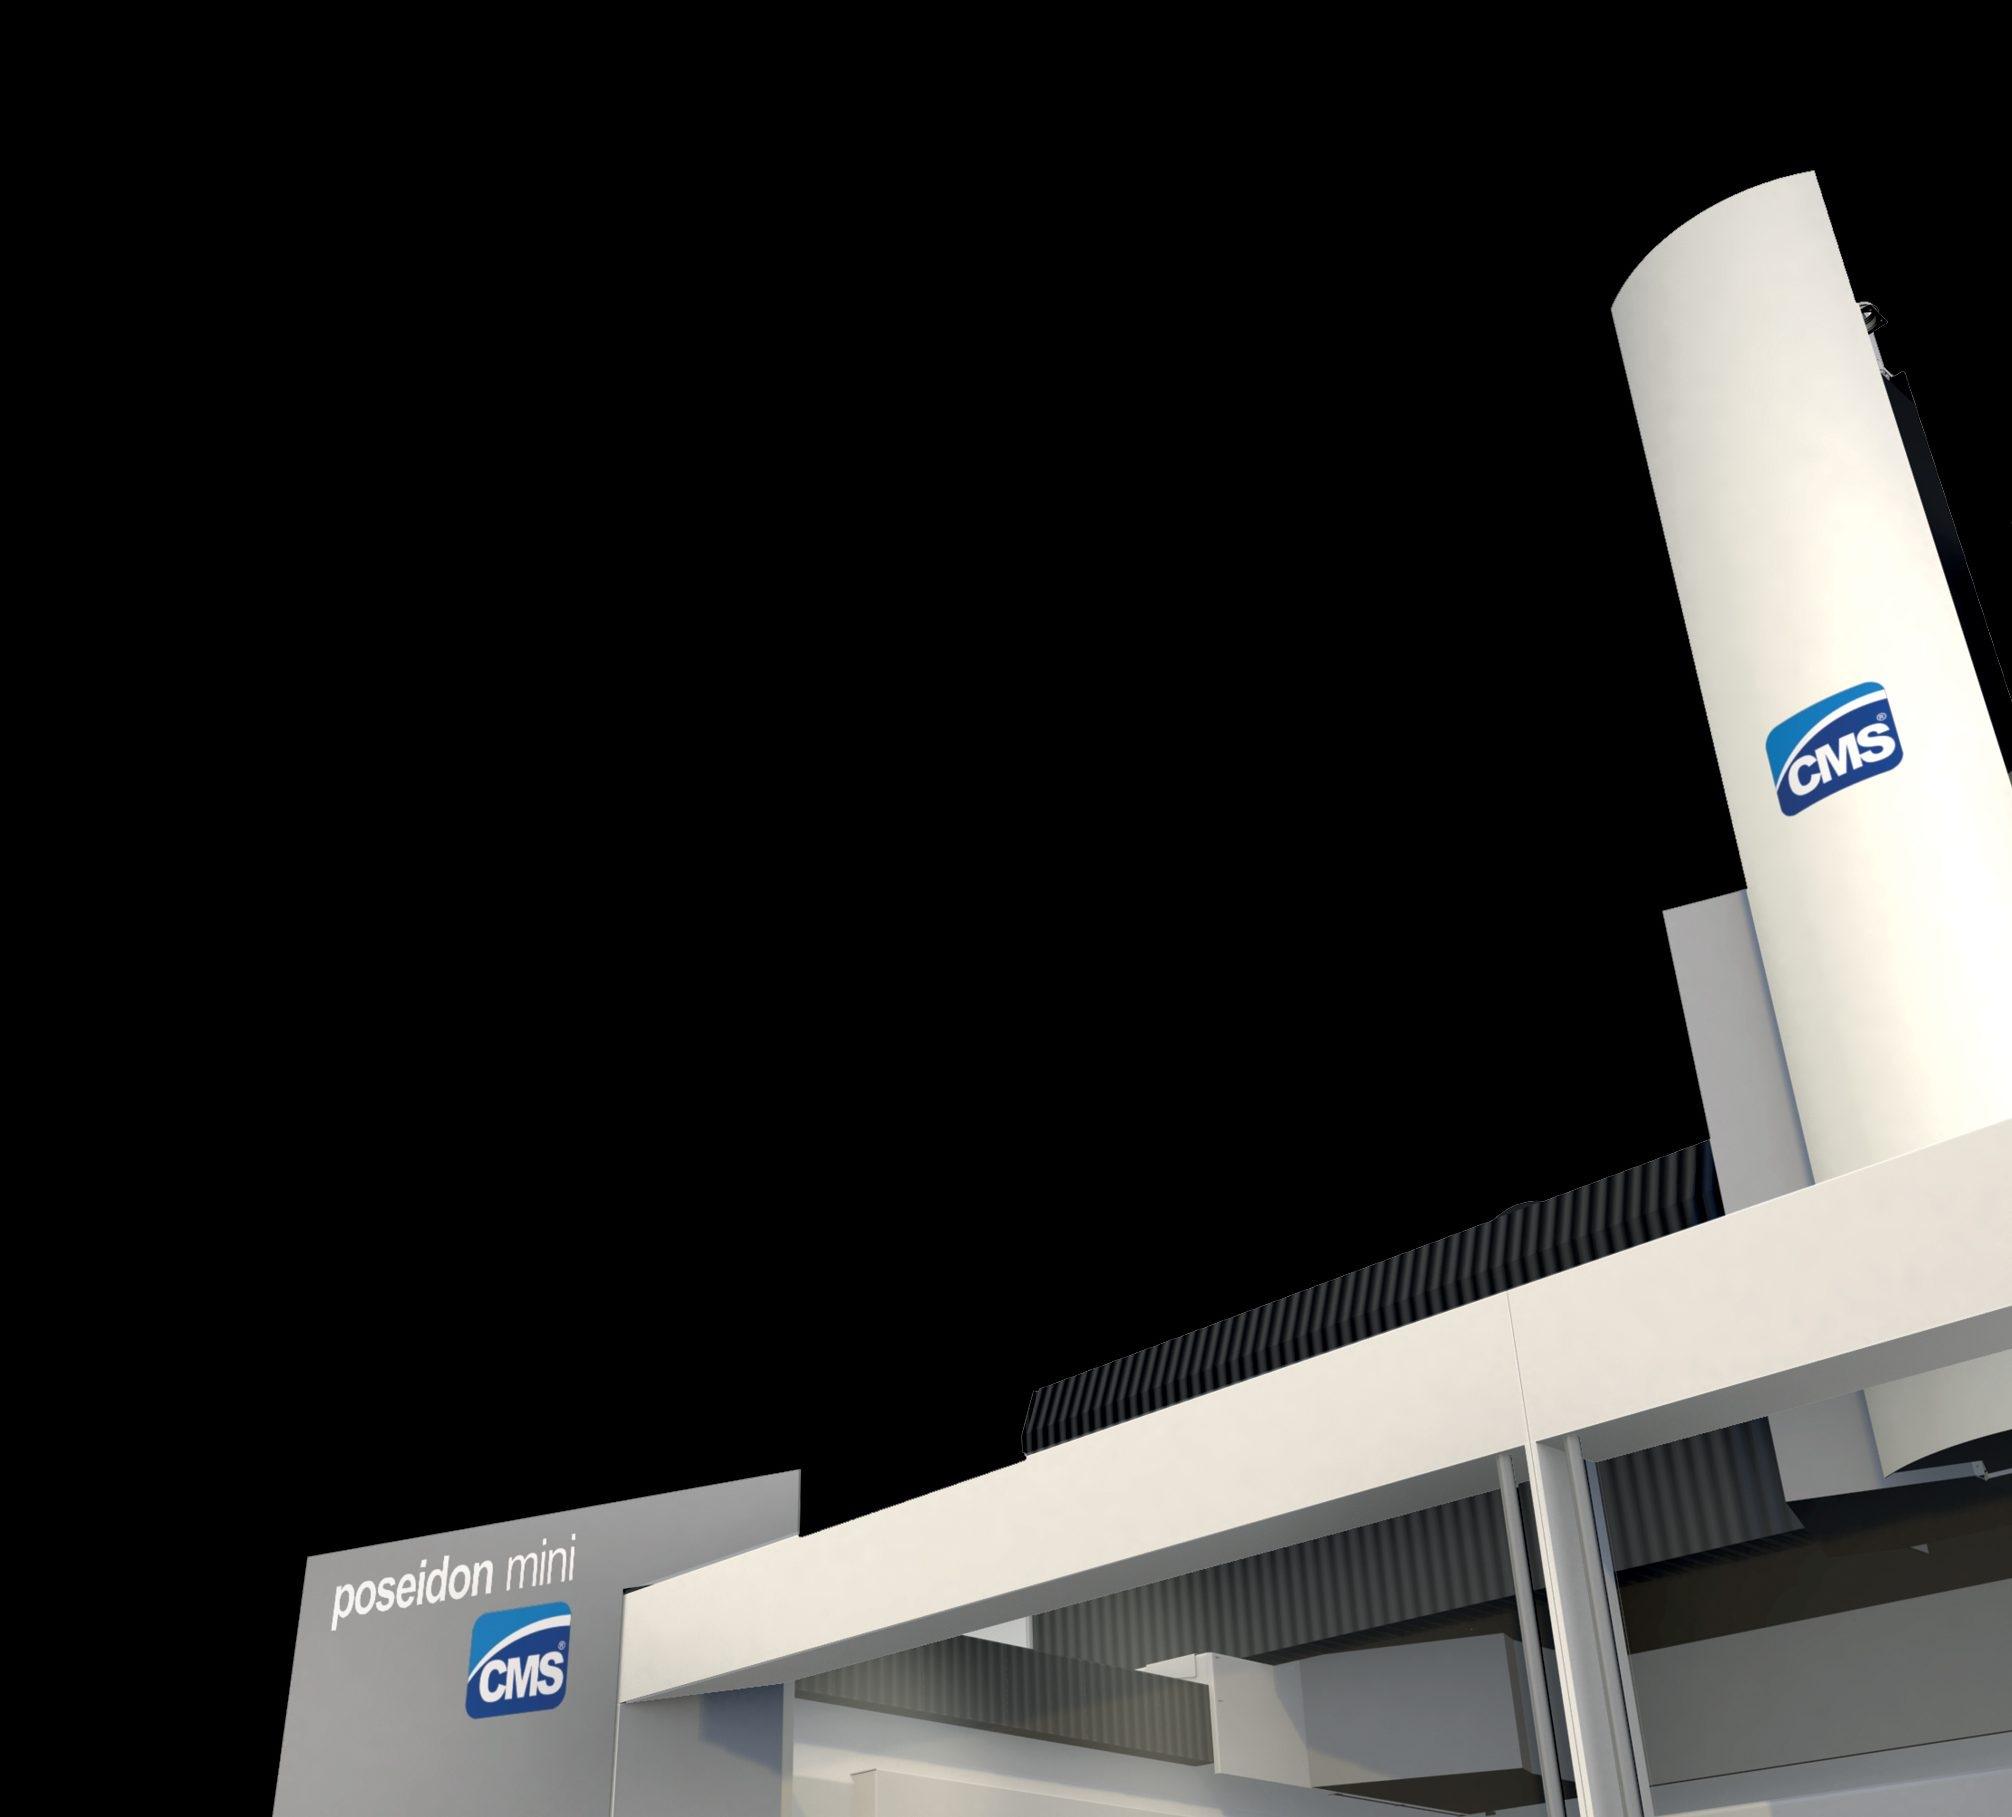 Progettazione design carrozzeria centro di lavoro CMS Poseidon